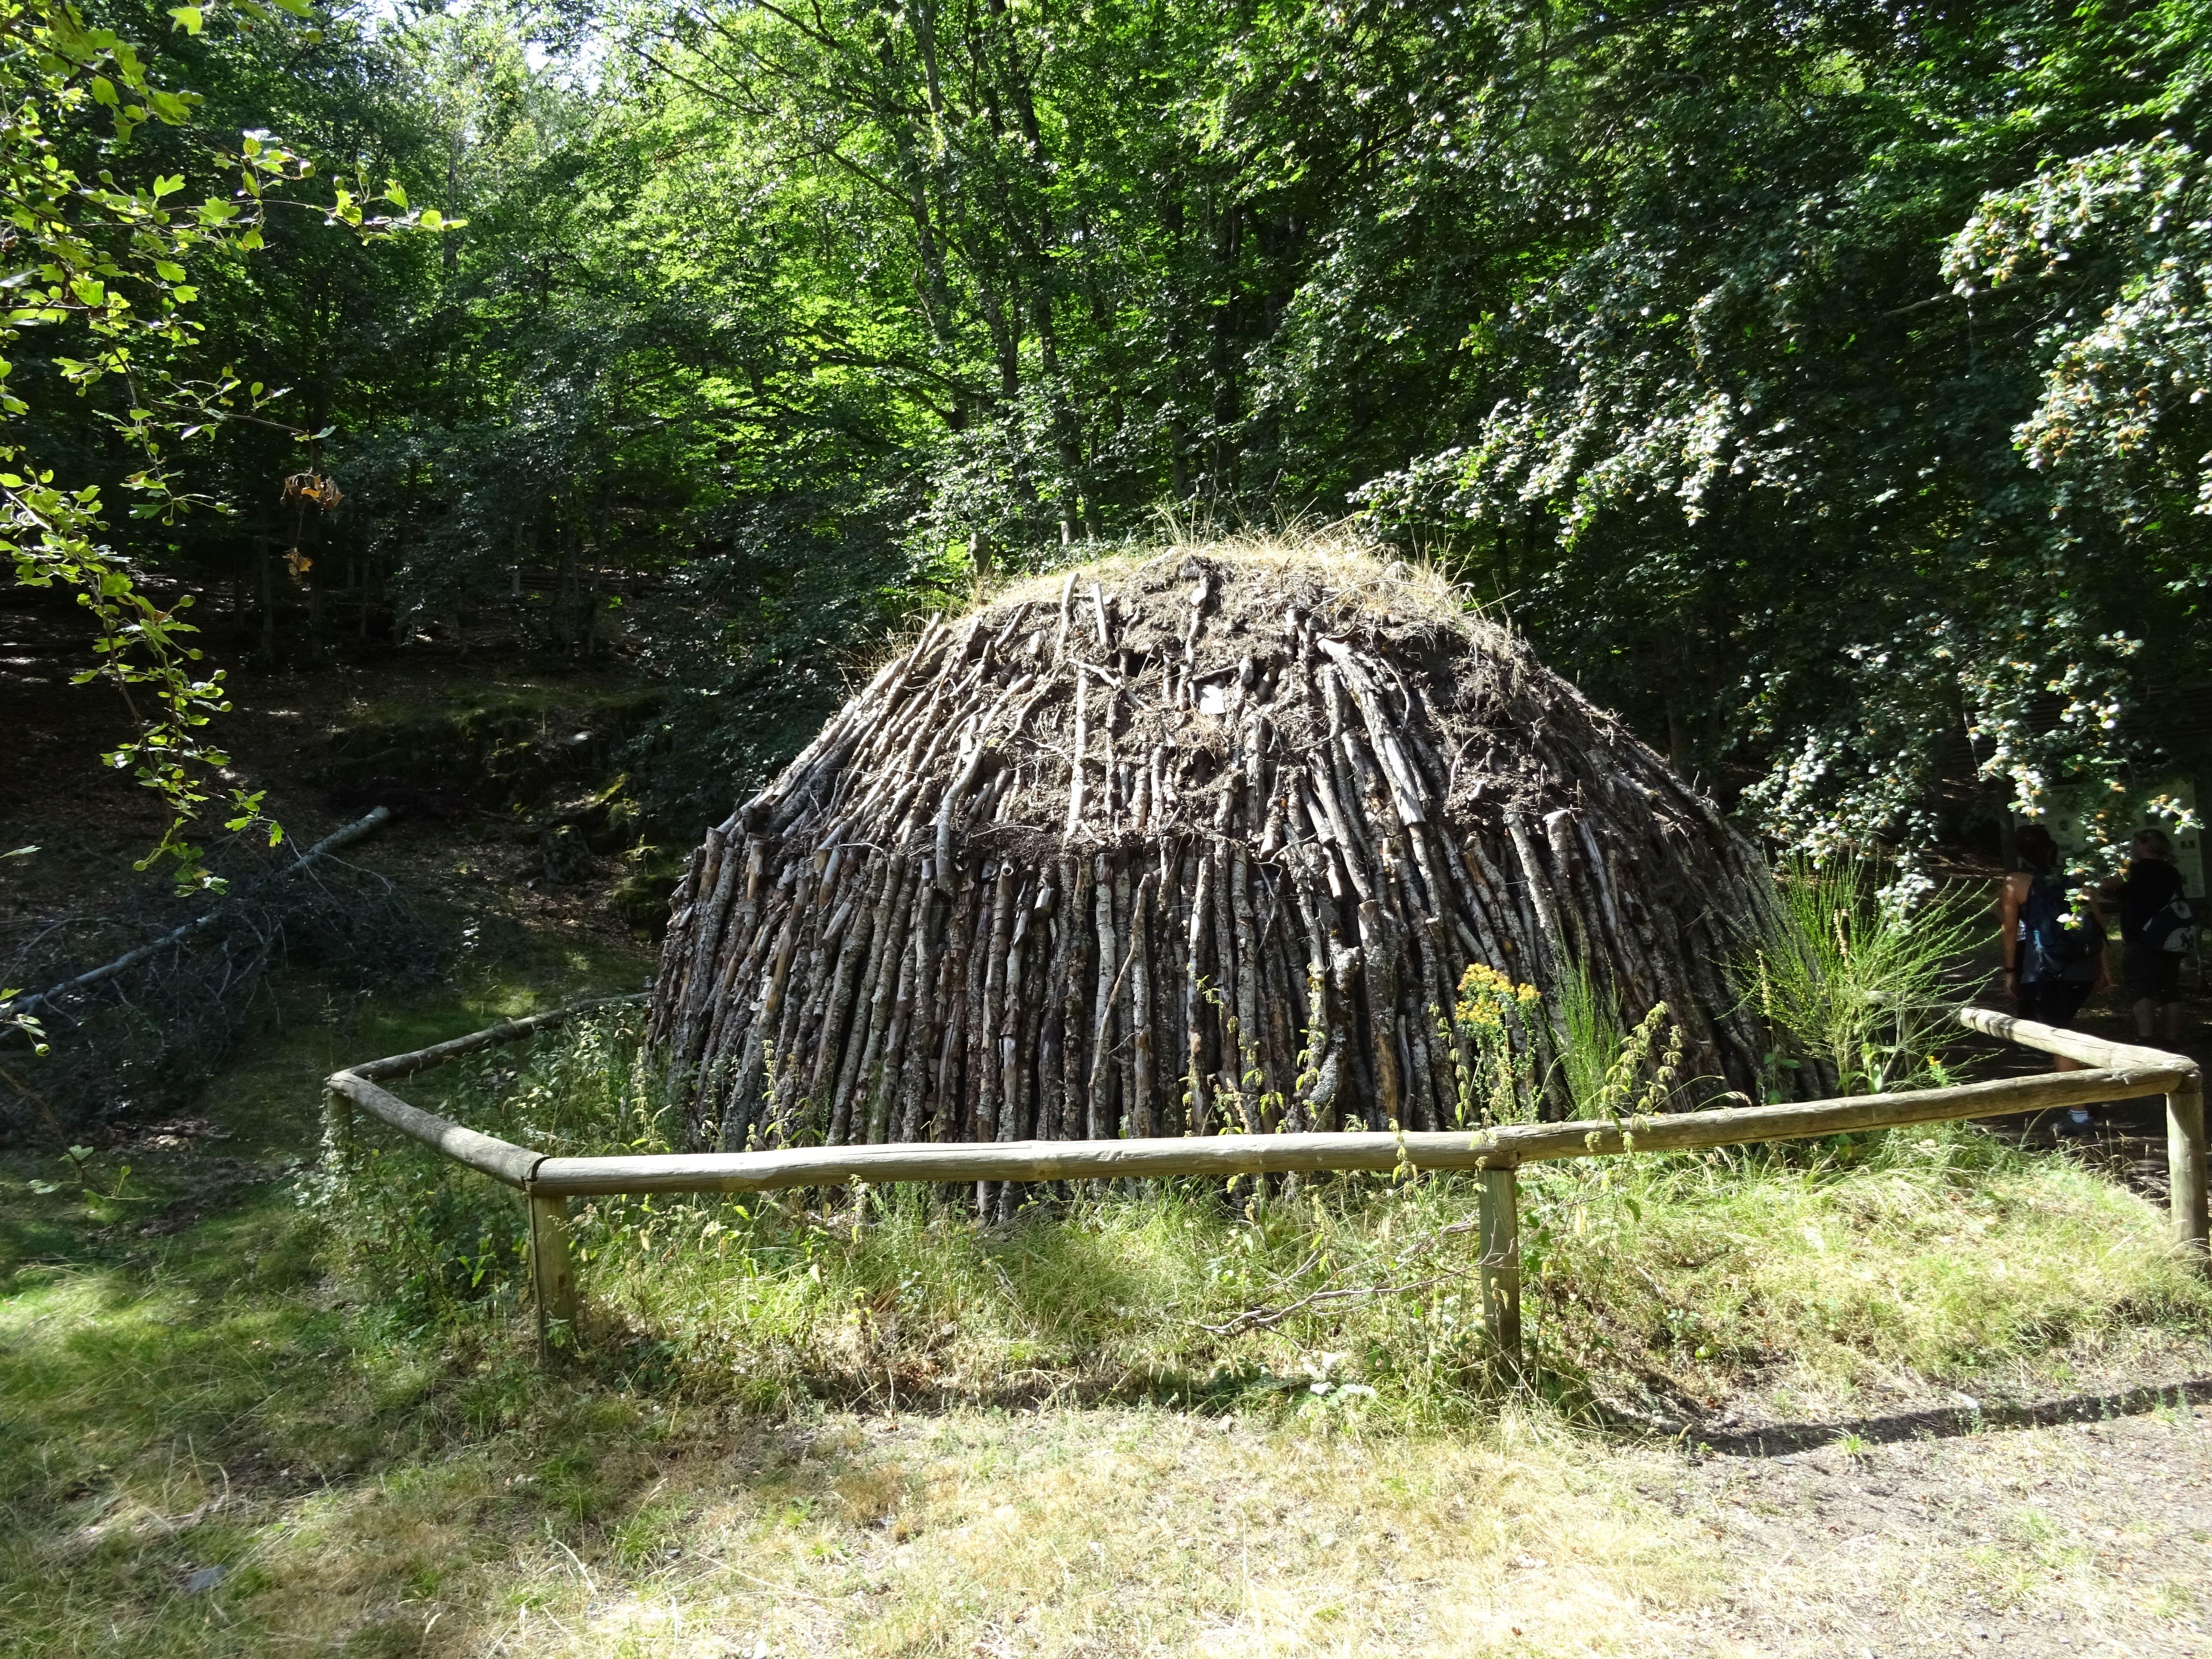 Una carbonera eran troncos de madera de roble y haya que se apilaban dejando un agujero en el centro, se cubrían de tierra y se prendía un fuego en el agujero central. Ese hueco se tapaba dando lugar a combustiones muy lentas que producían carbón